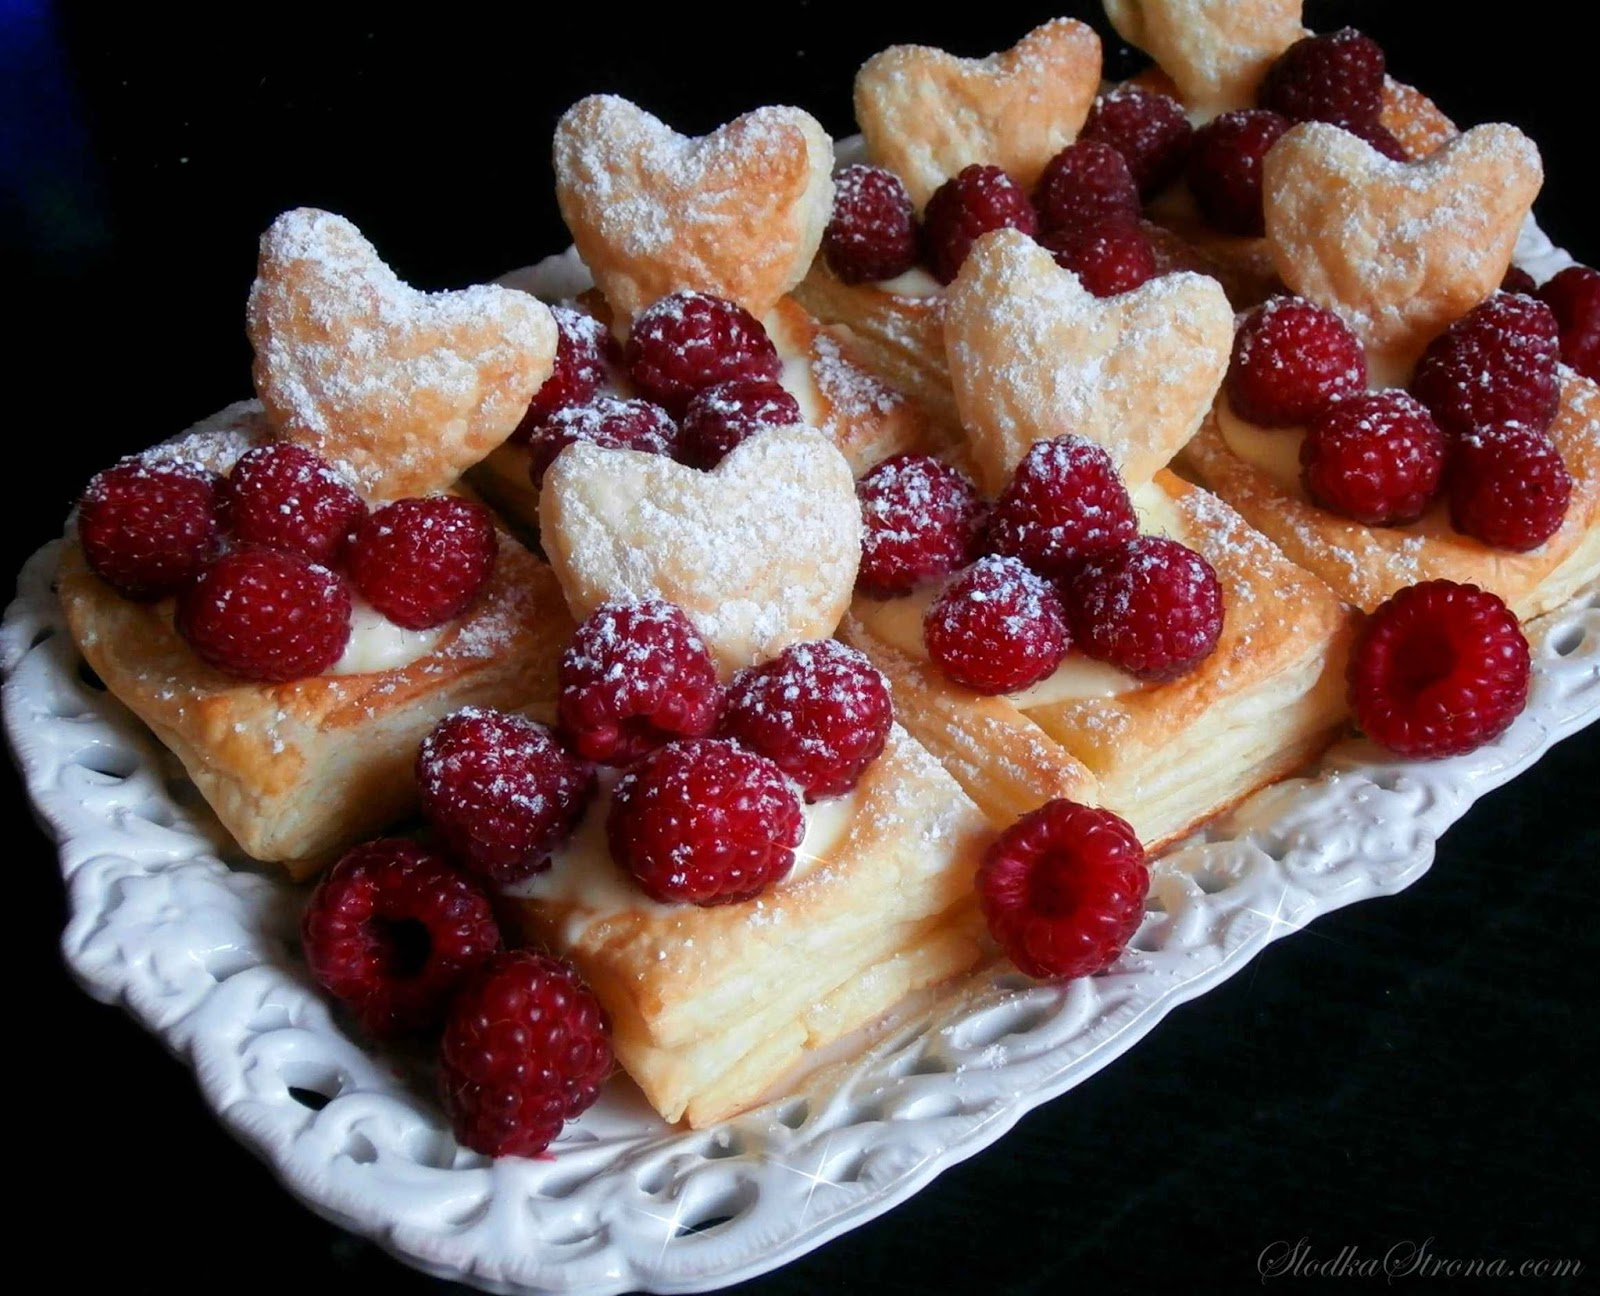 Ciastka z Ciasta Francuskiego z Masą Budyniową i Owocami - Przepis - Słodka Strona